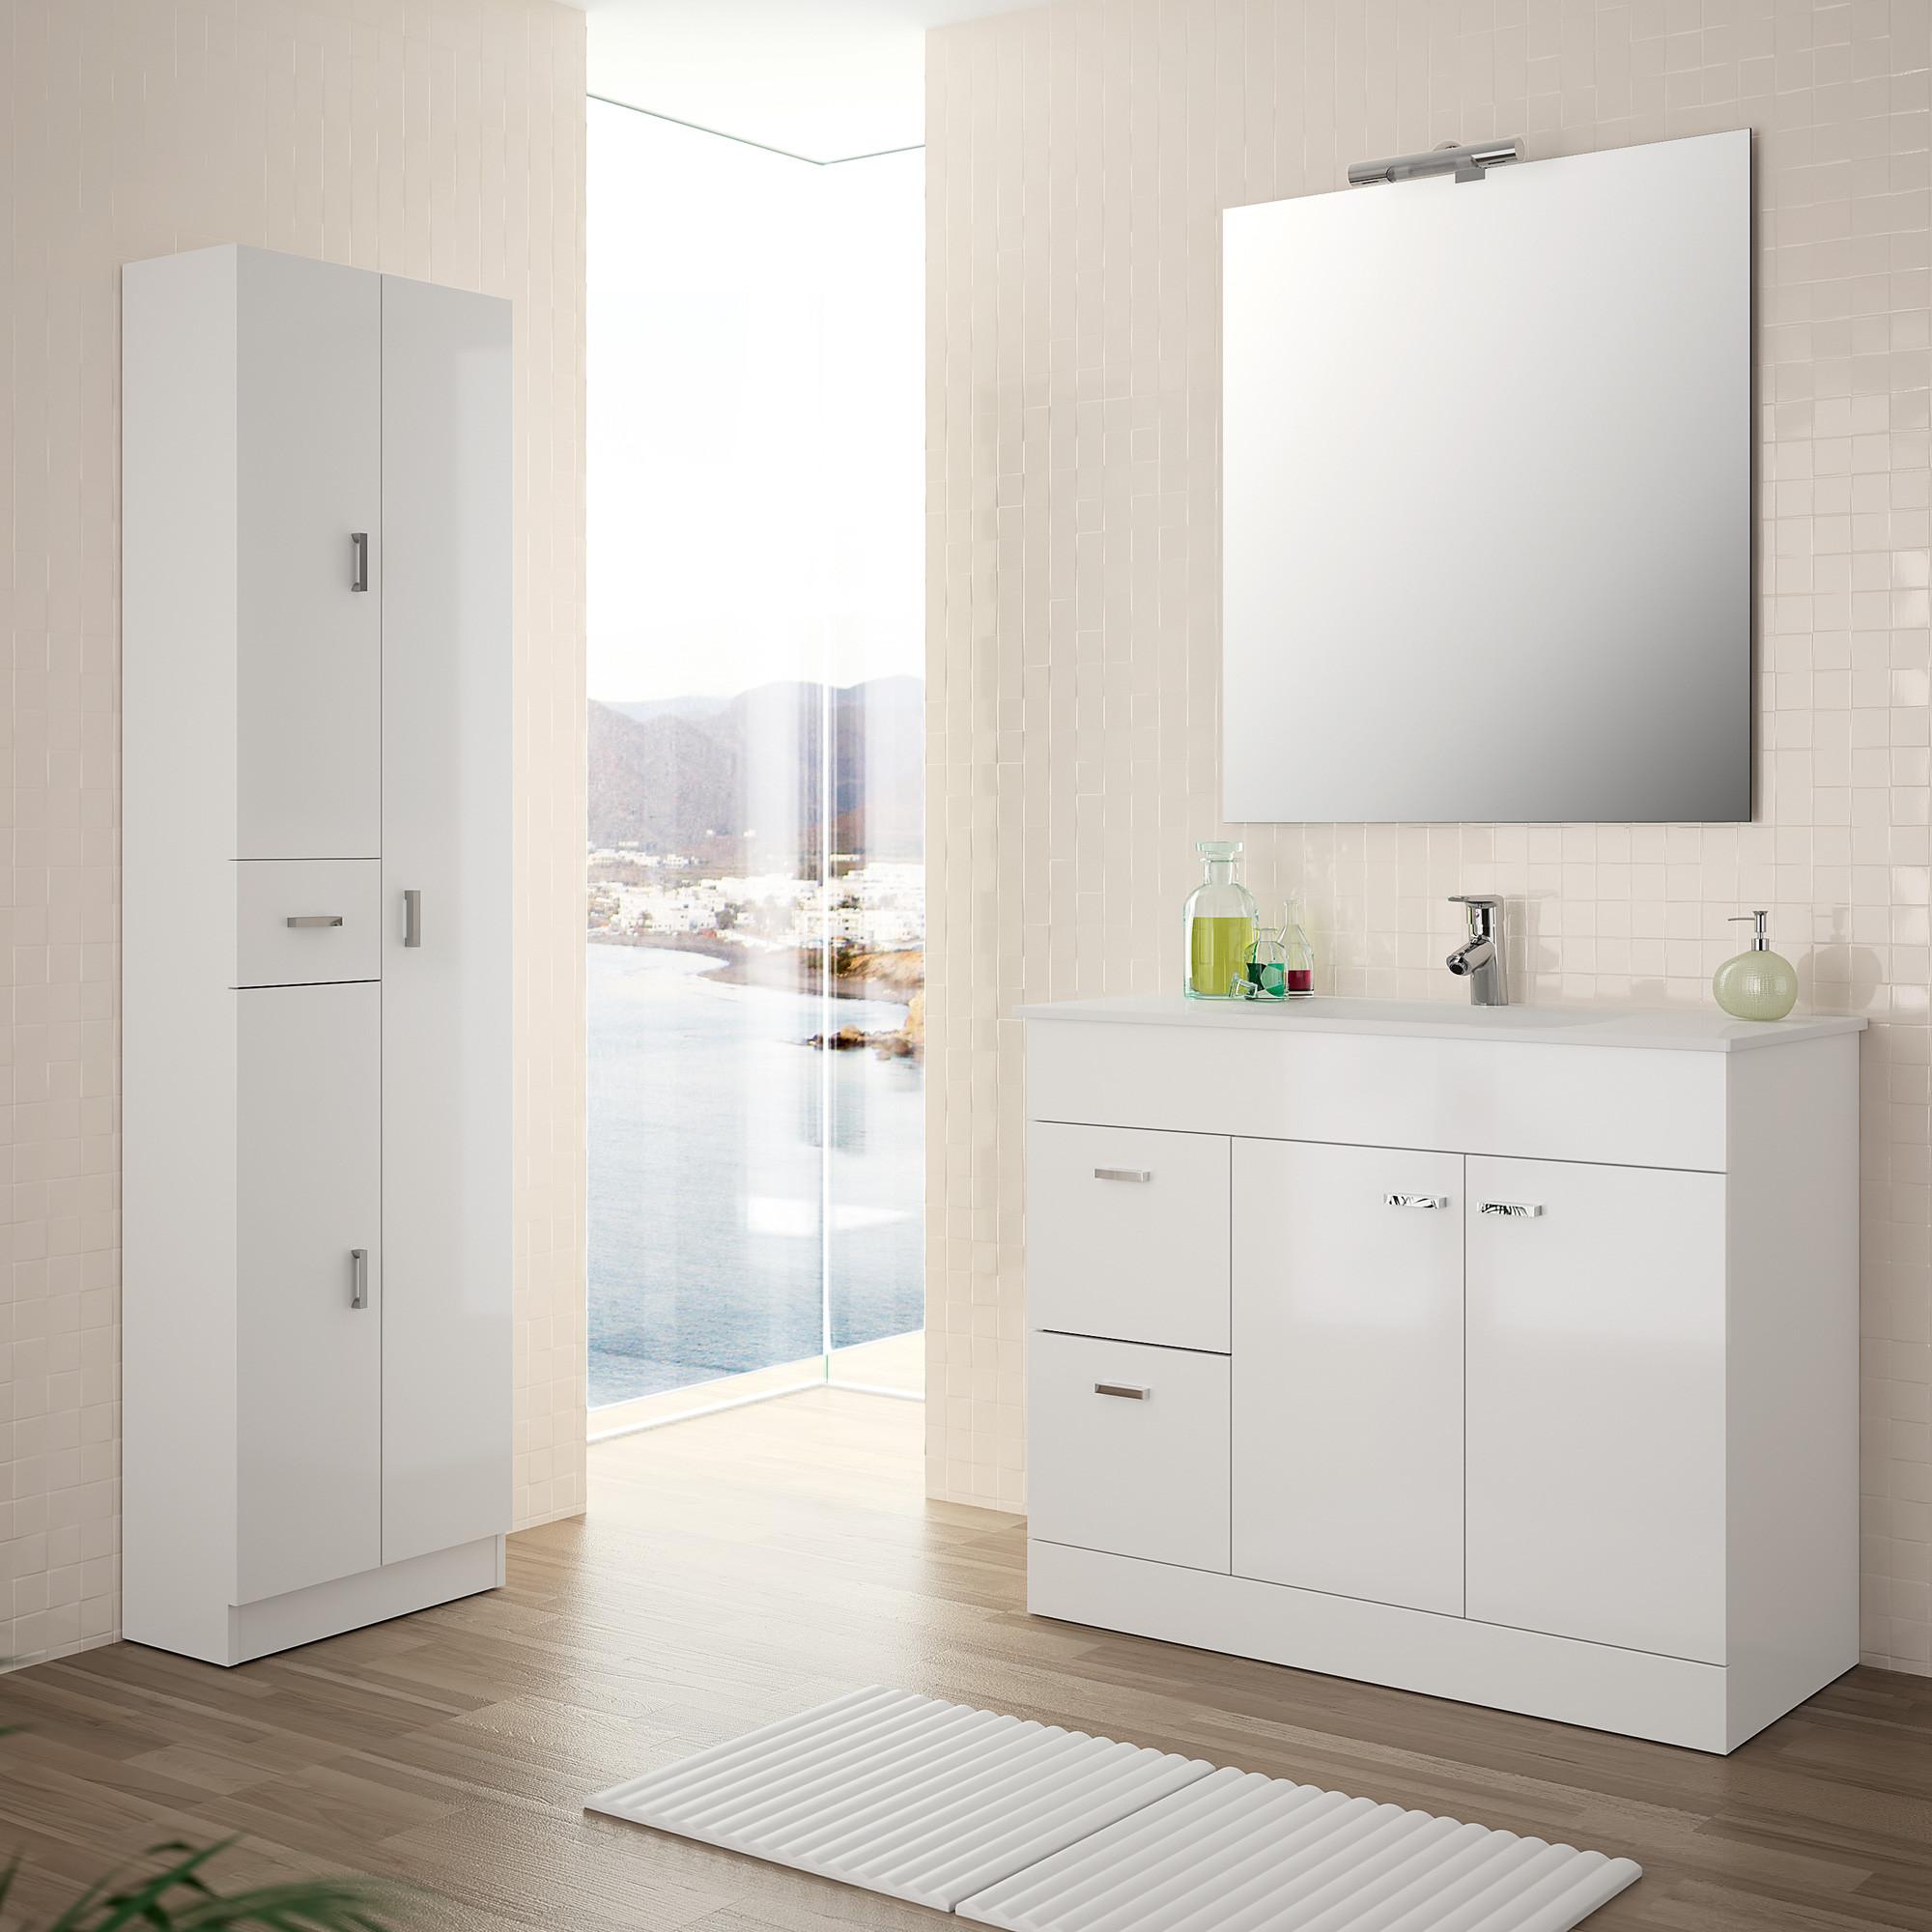 colonne salle de bain romantic blanc brillant 3 portes 1. Black Bedroom Furniture Sets. Home Design Ideas